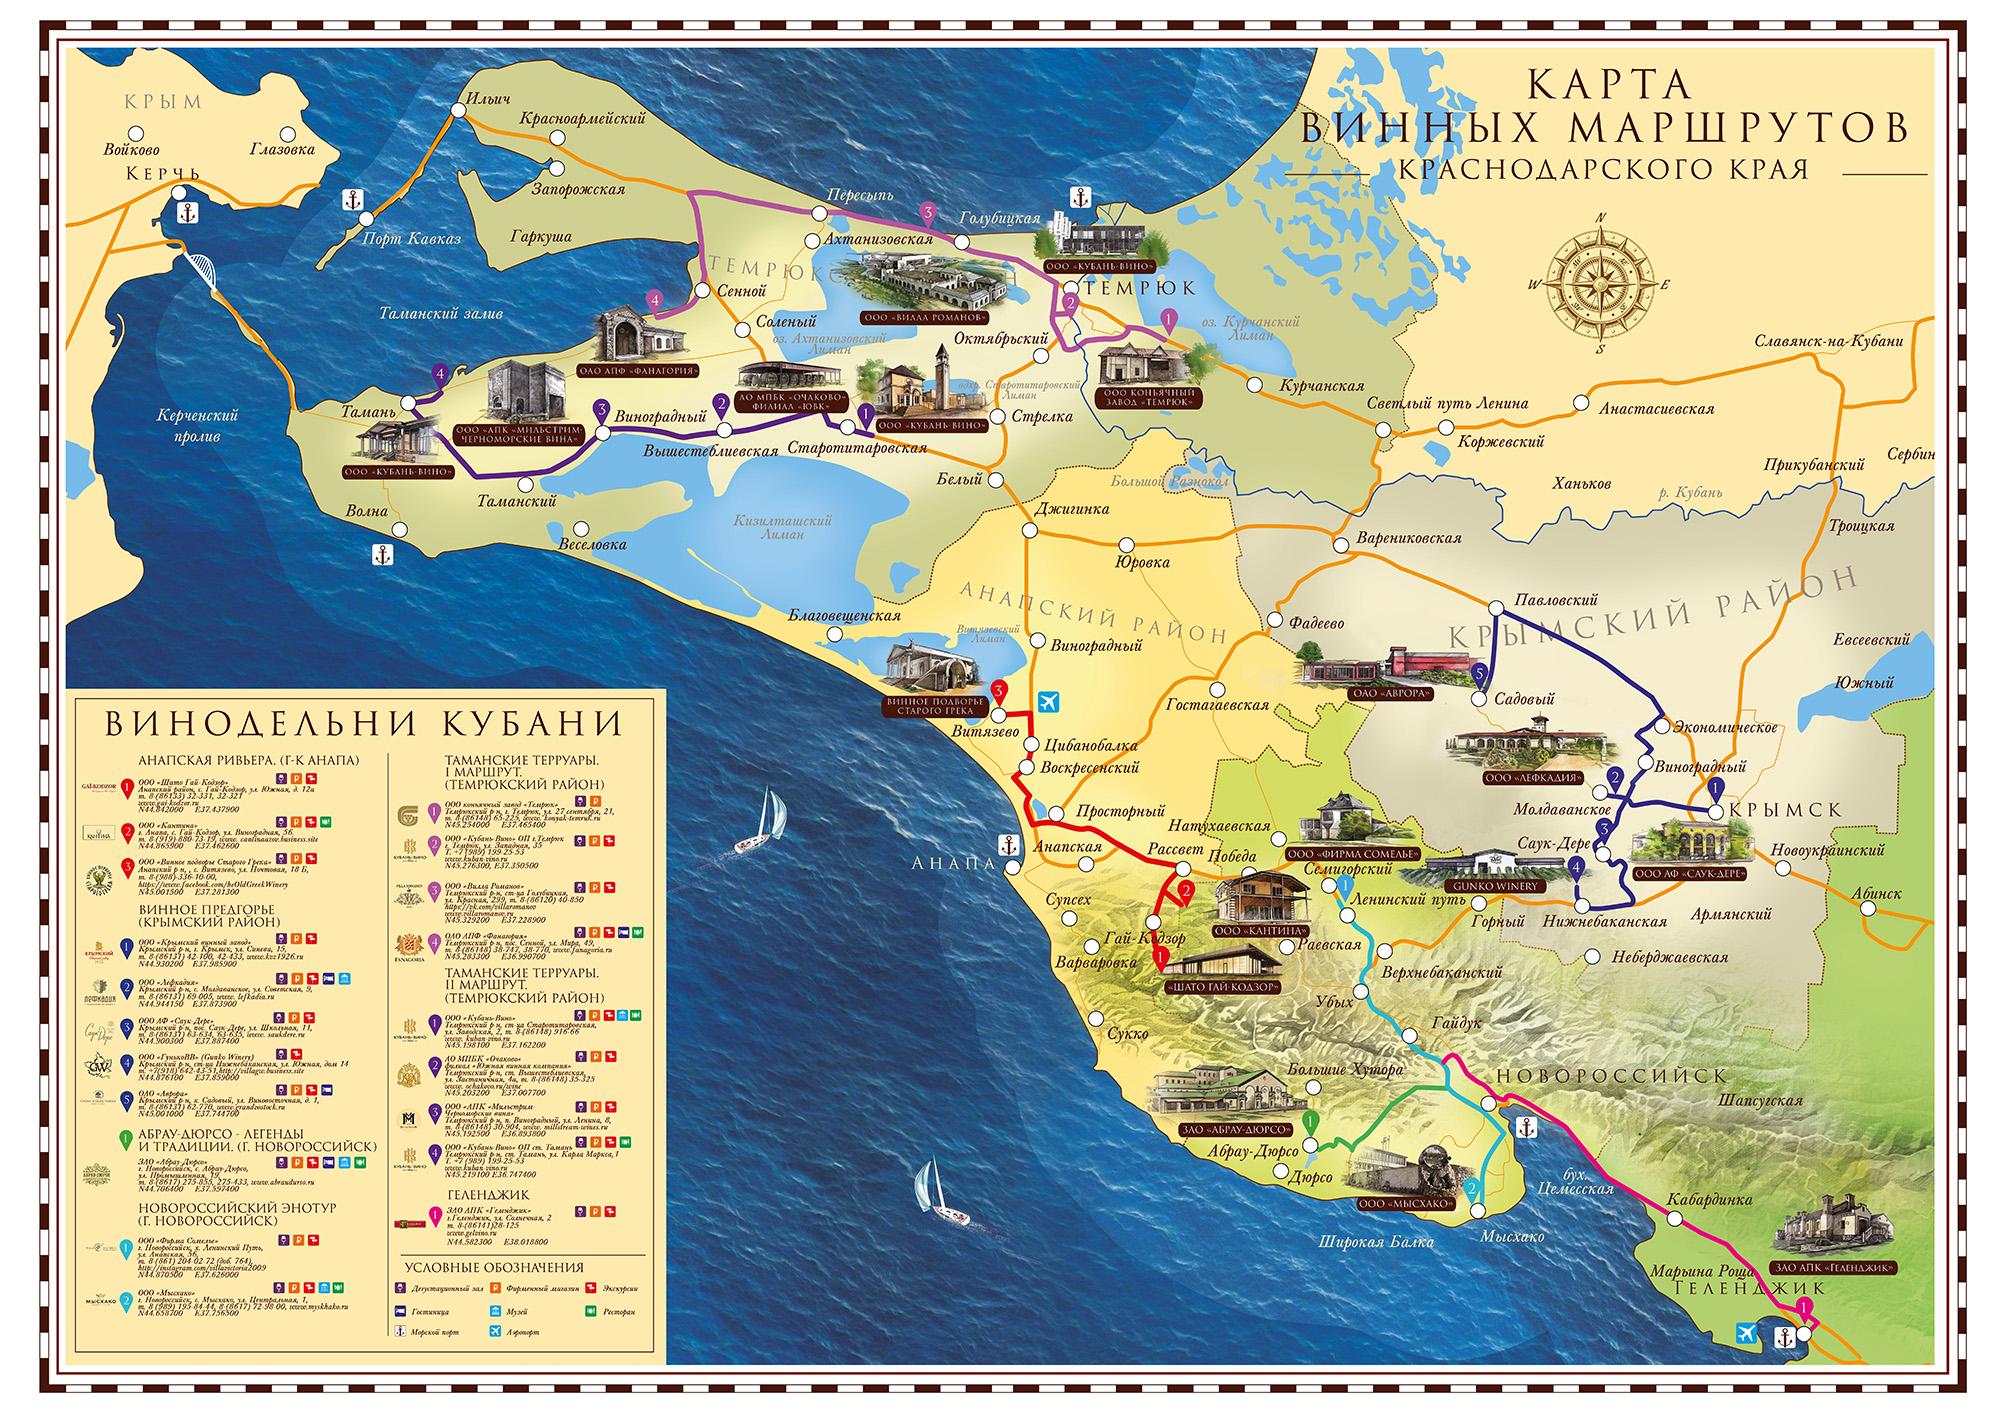 Russian wine map Krasnodar